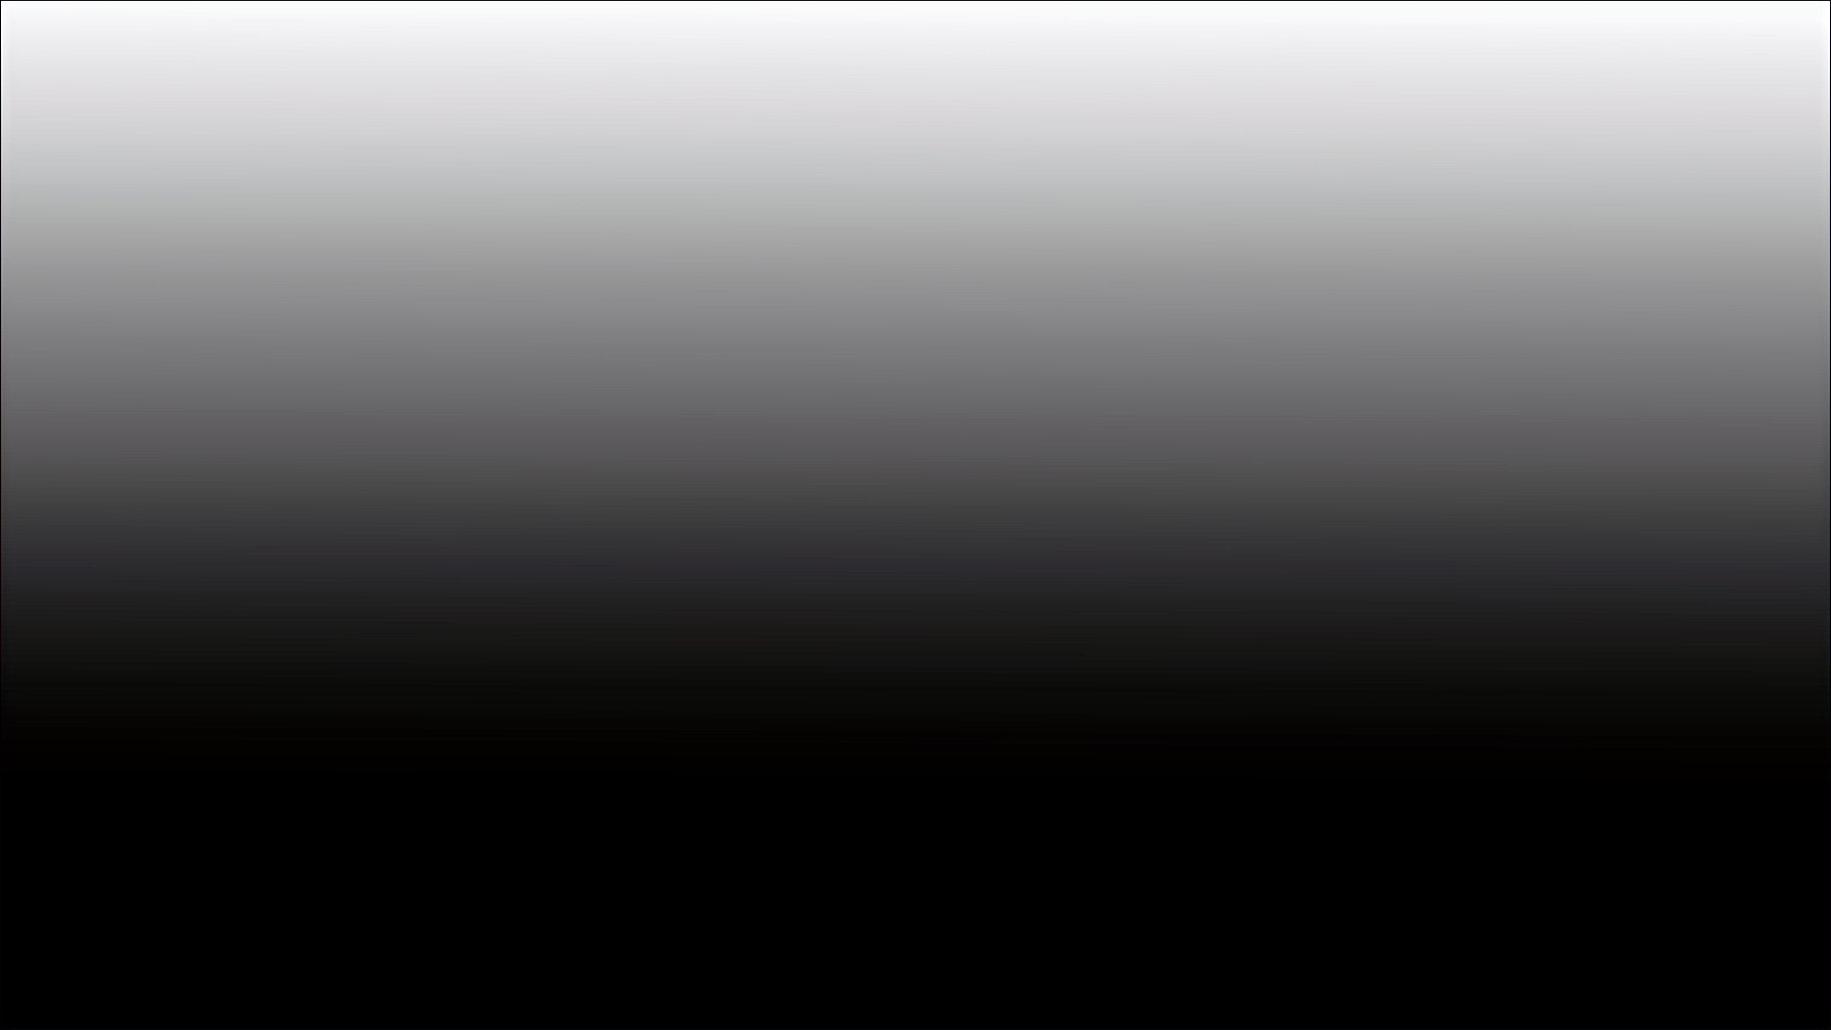 gradient%20website_edited.jpg